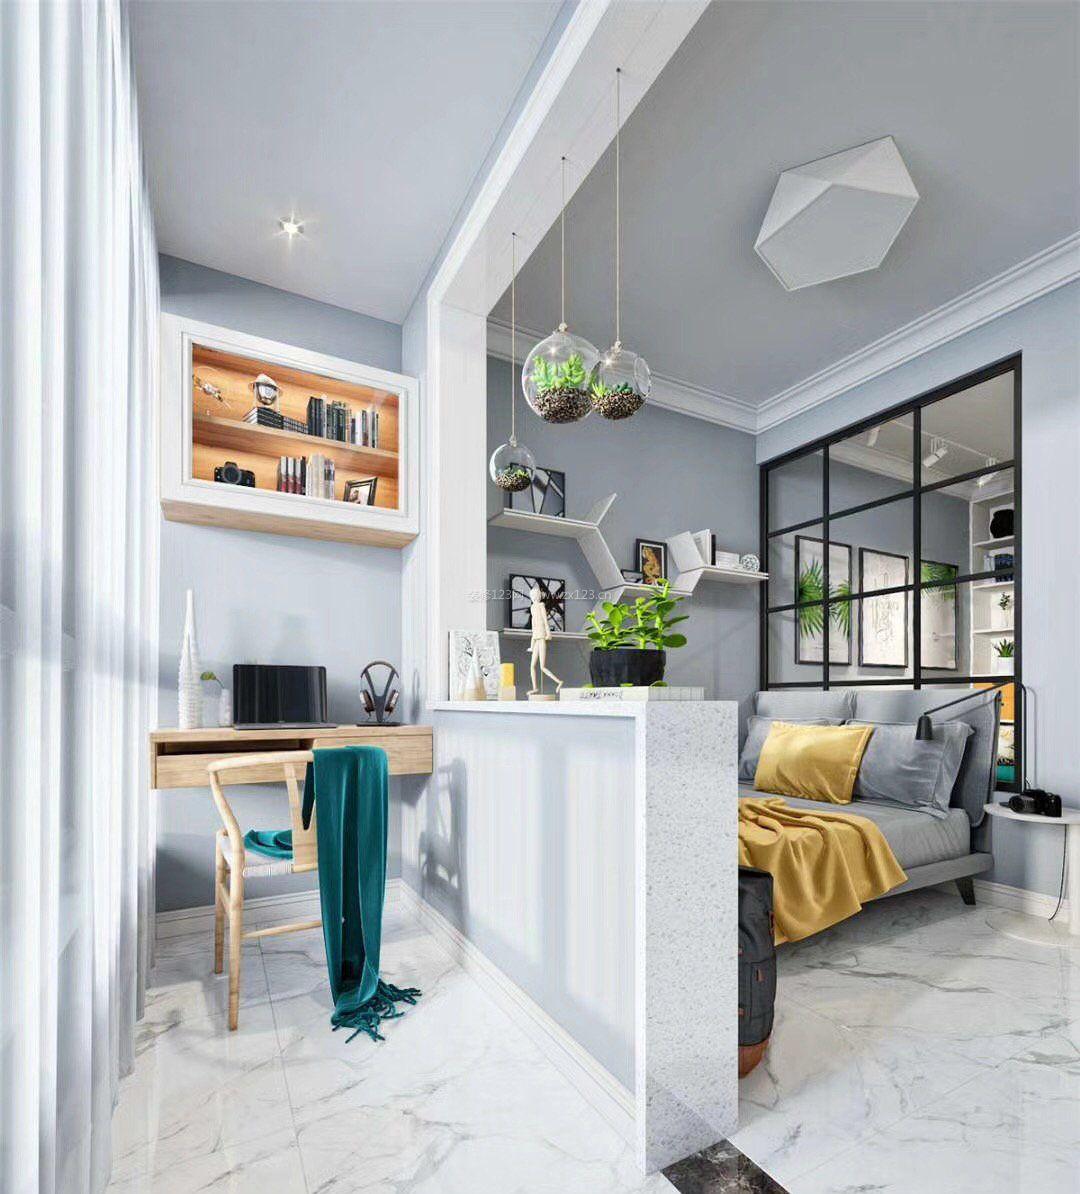 2018北欧室内设计风格阳台书房_装修123效果图